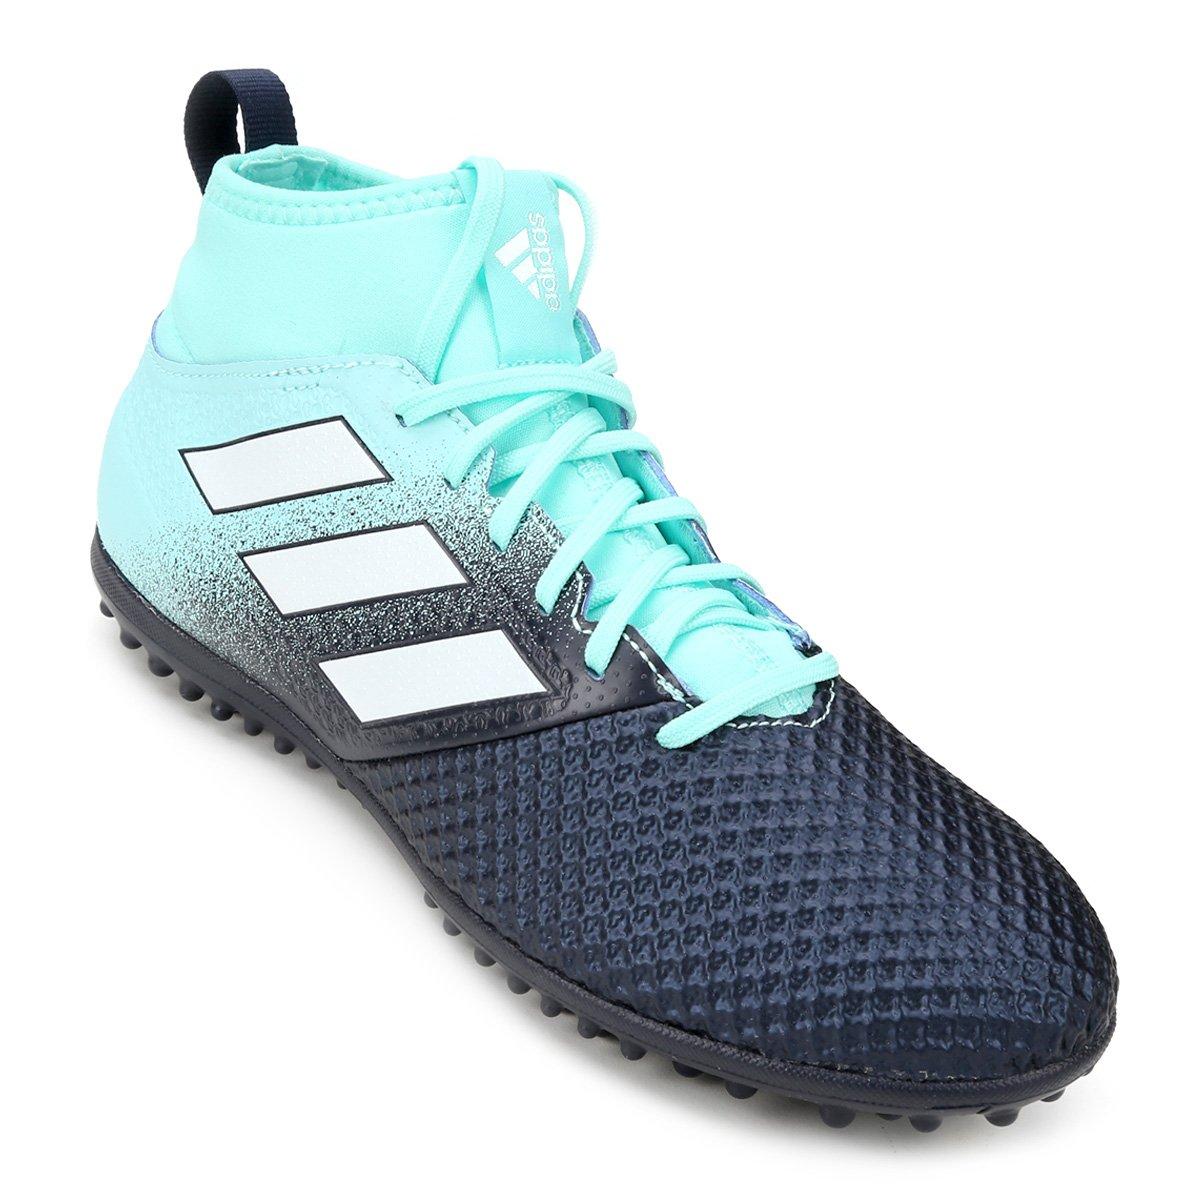 89ade3b8a8 Chuteira Society Adidas Ace 17.3 TF